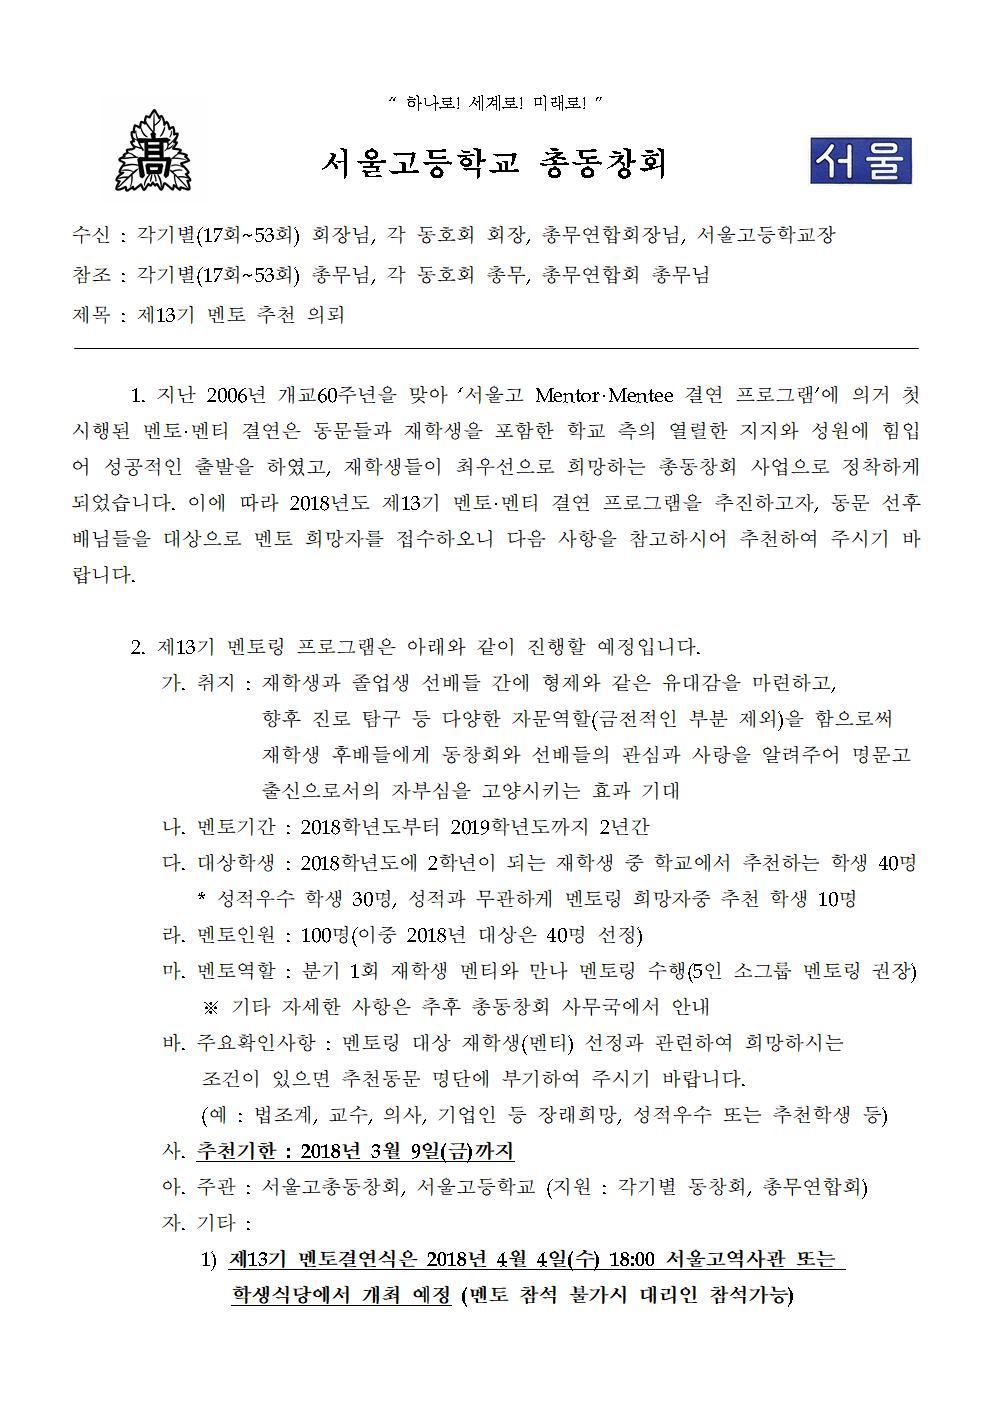 제13기 멘토추천의뢰(2018.2.20)1.jpg